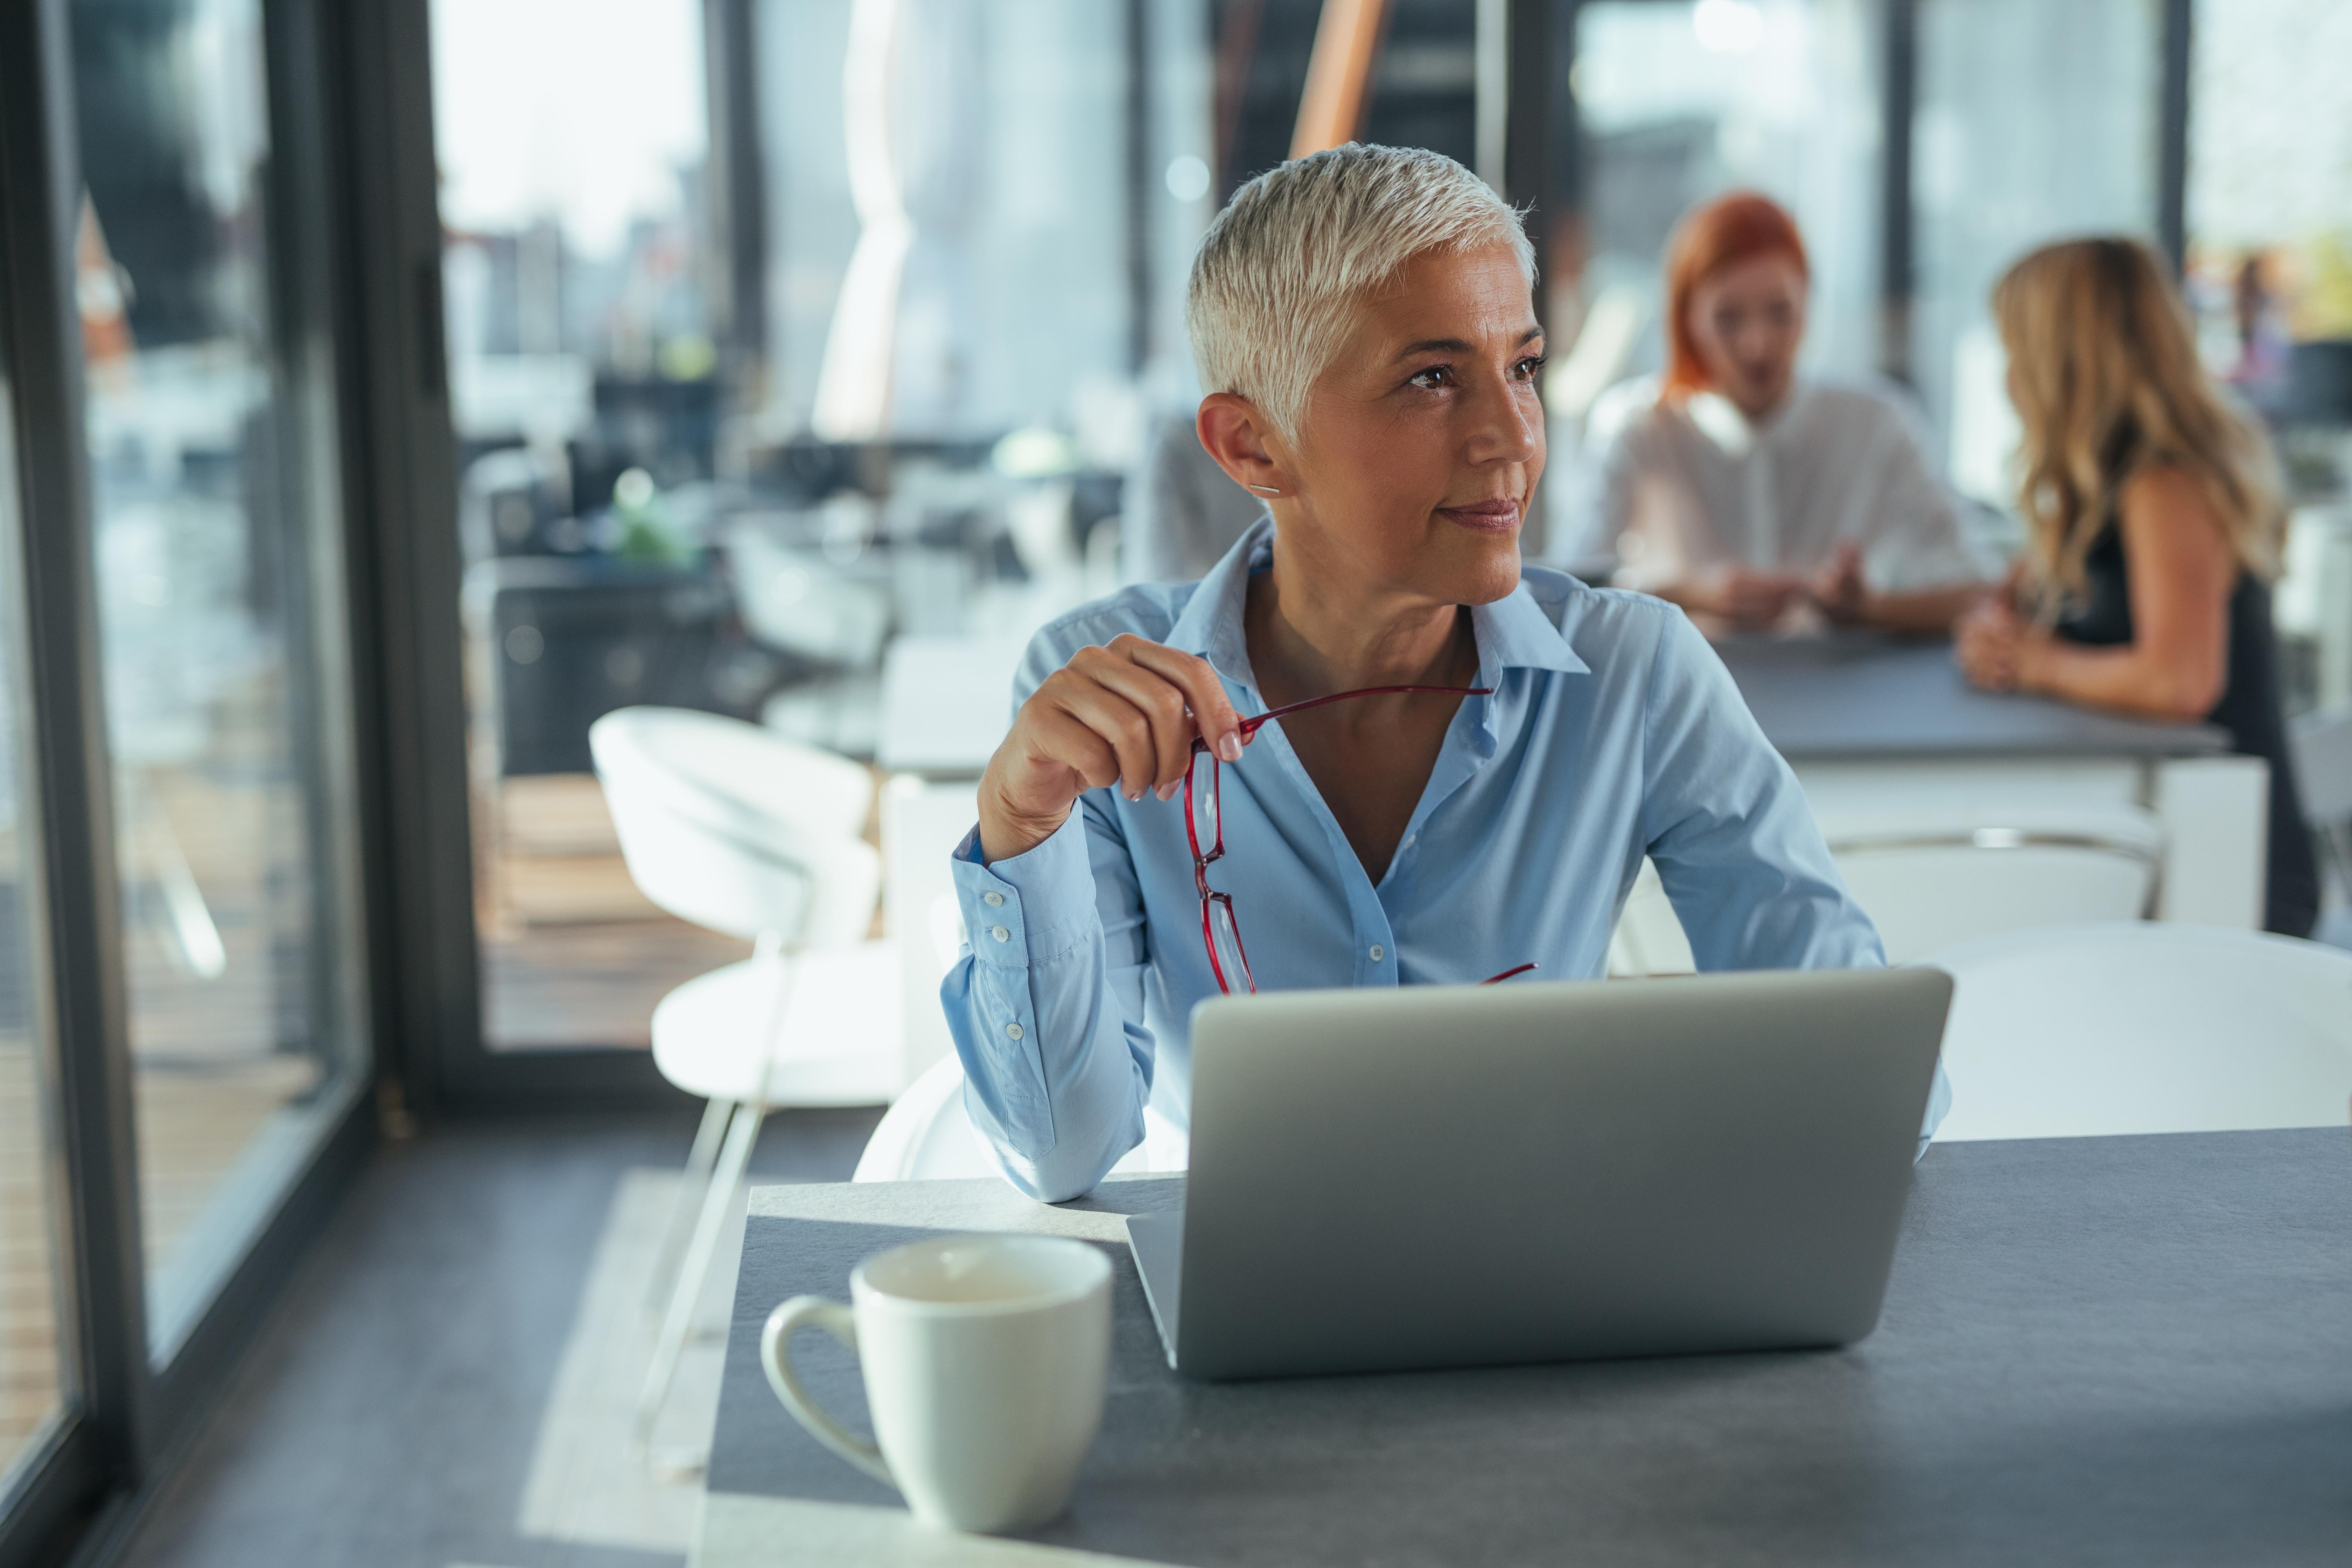 Ältere Mitarbeiter motivieren durch flexible Arbeitsbedingungen und eine angenehme Arbeitsatmosphäre